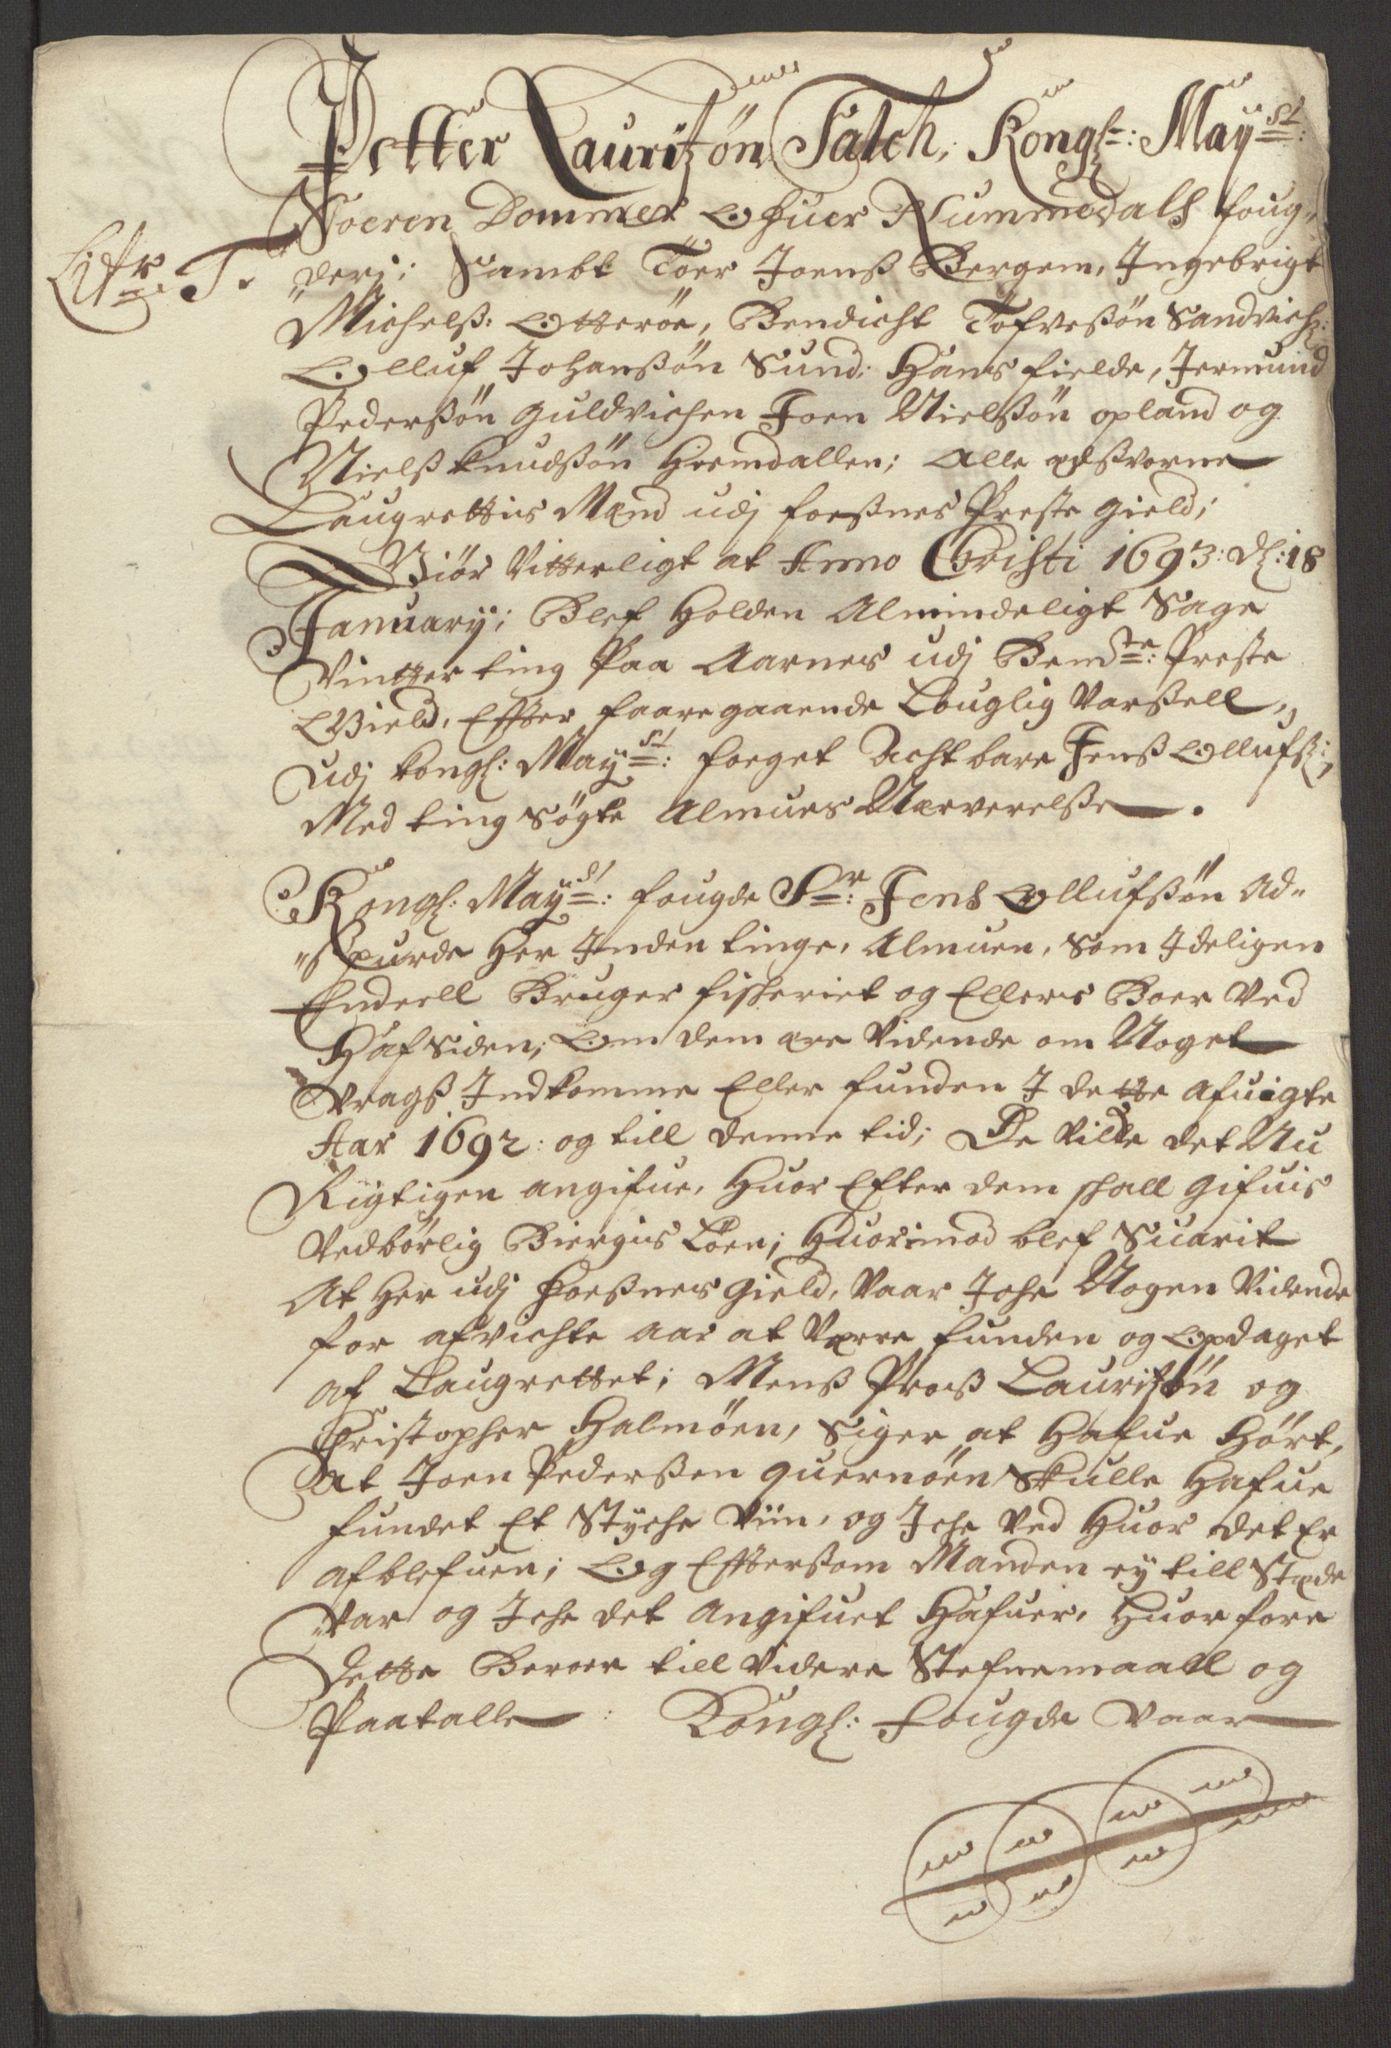 RA, Rentekammeret inntil 1814, Reviderte regnskaper, Fogderegnskap, R64/L4424: Fogderegnskap Namdal, 1692-1695, s. 128